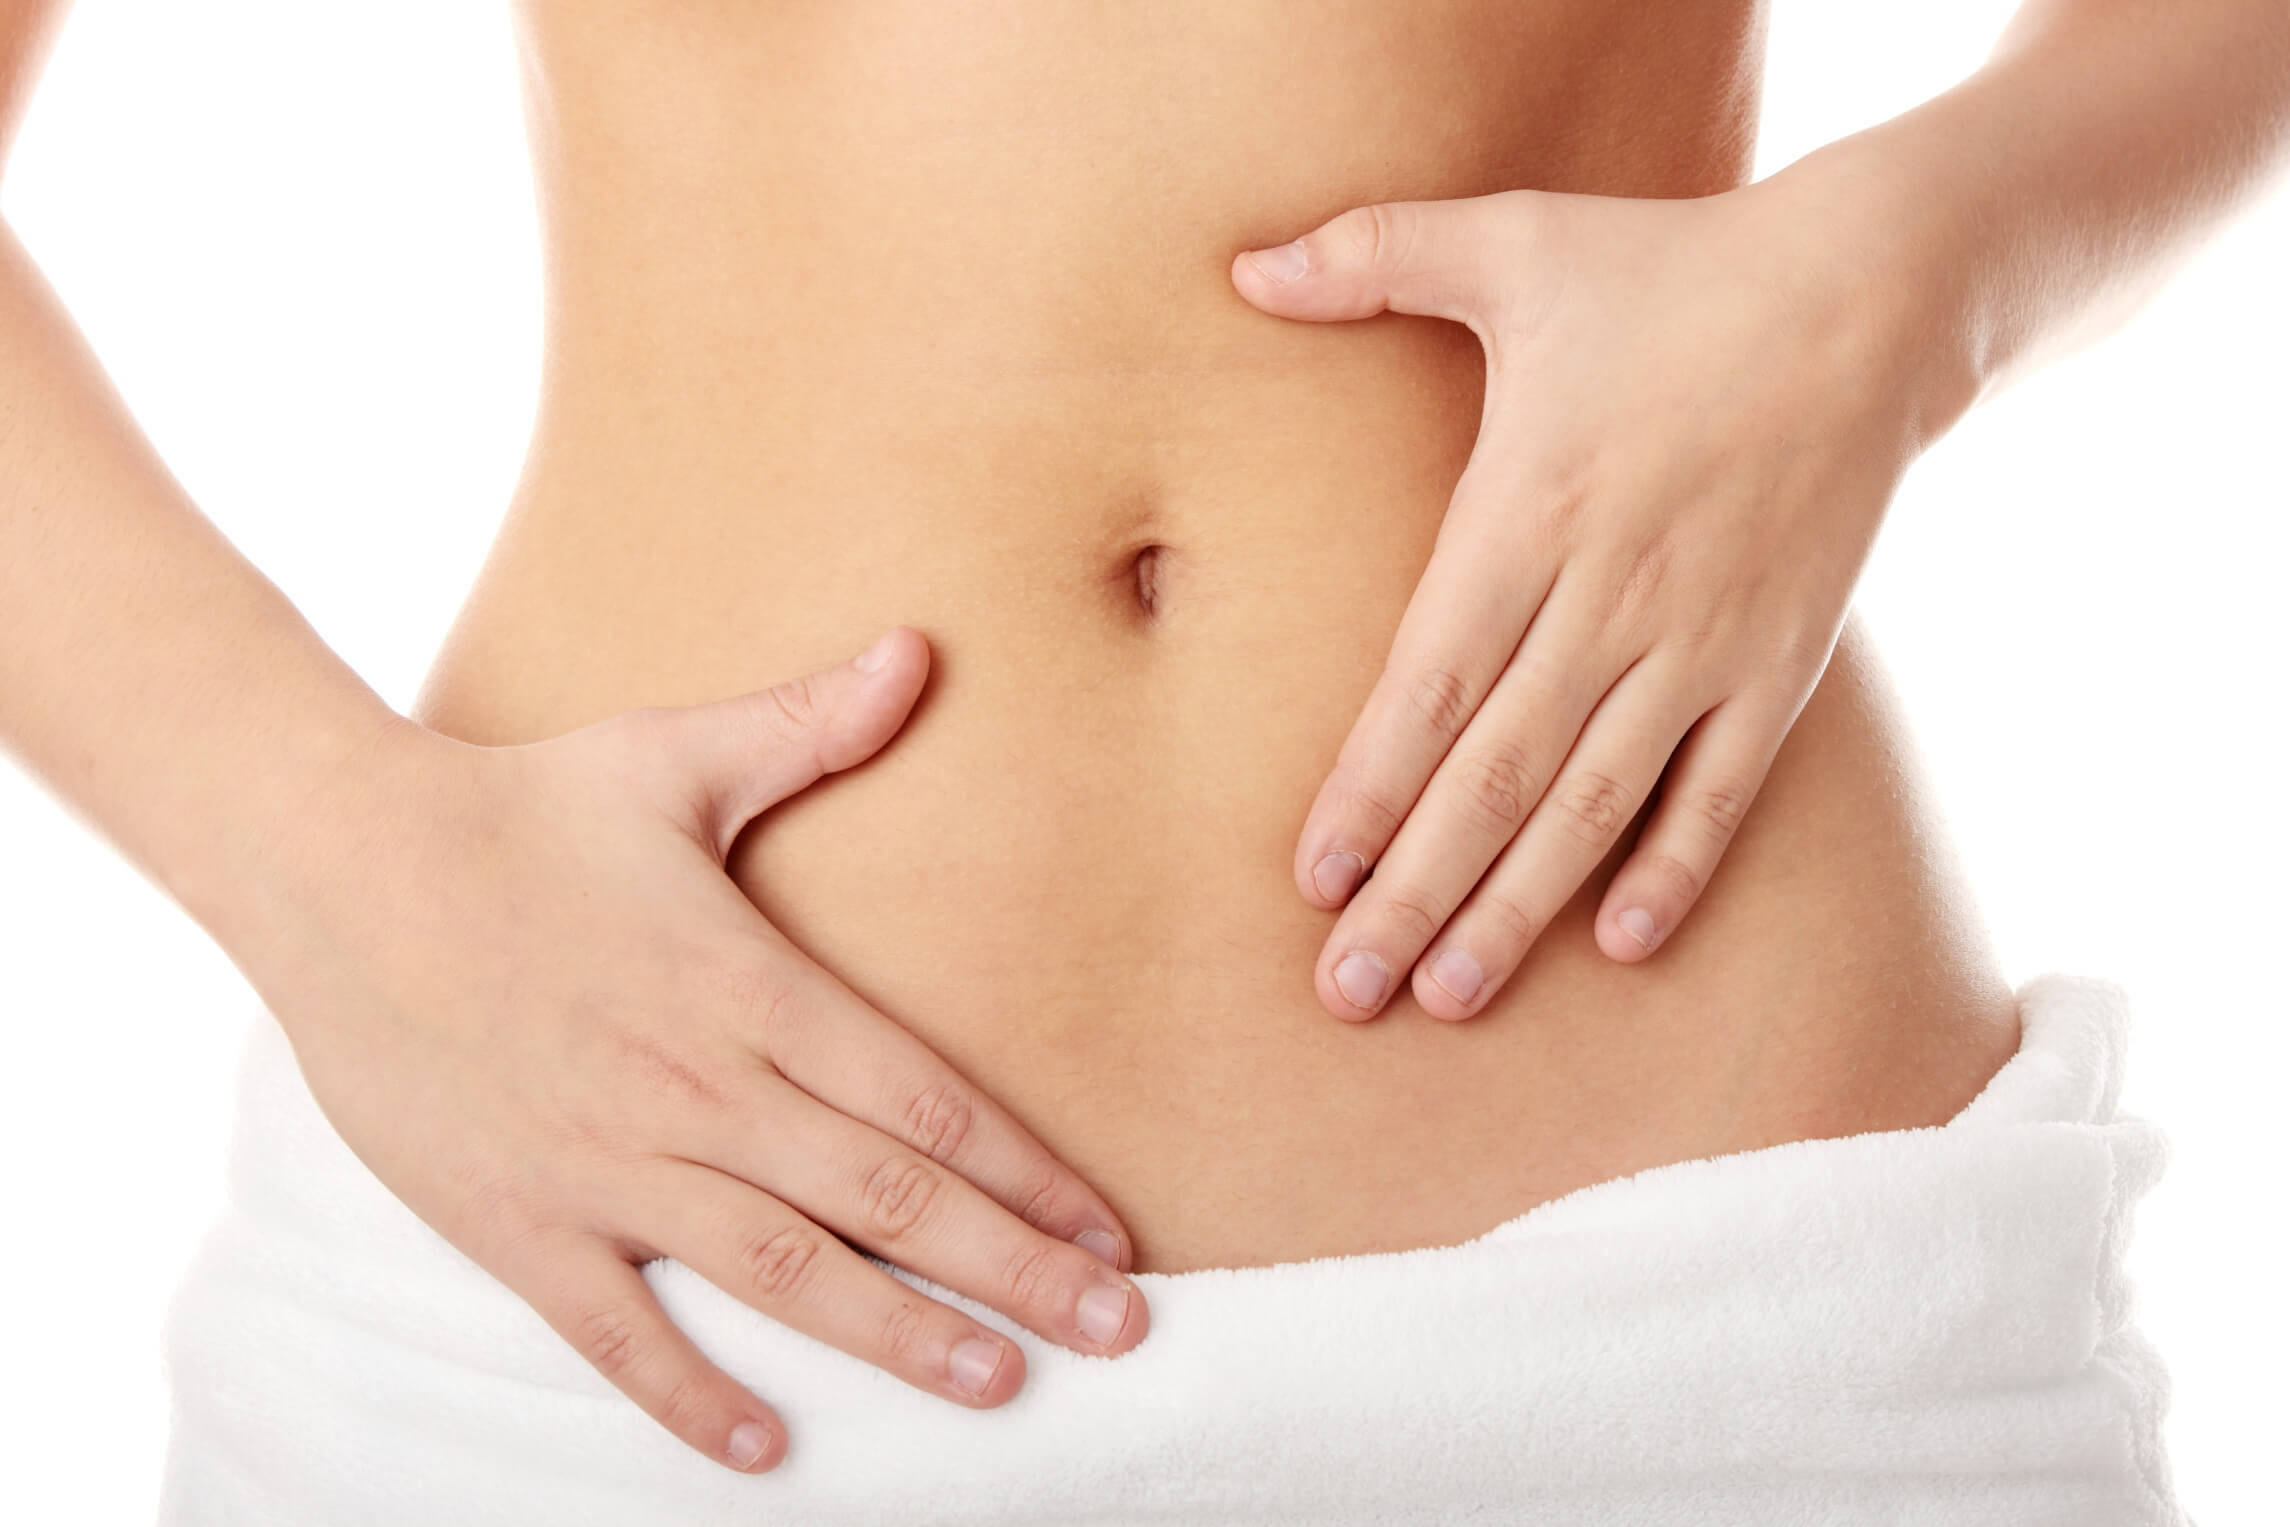 Xoa bụng đúng cách chữa bệnh viêm dạ dày cấp